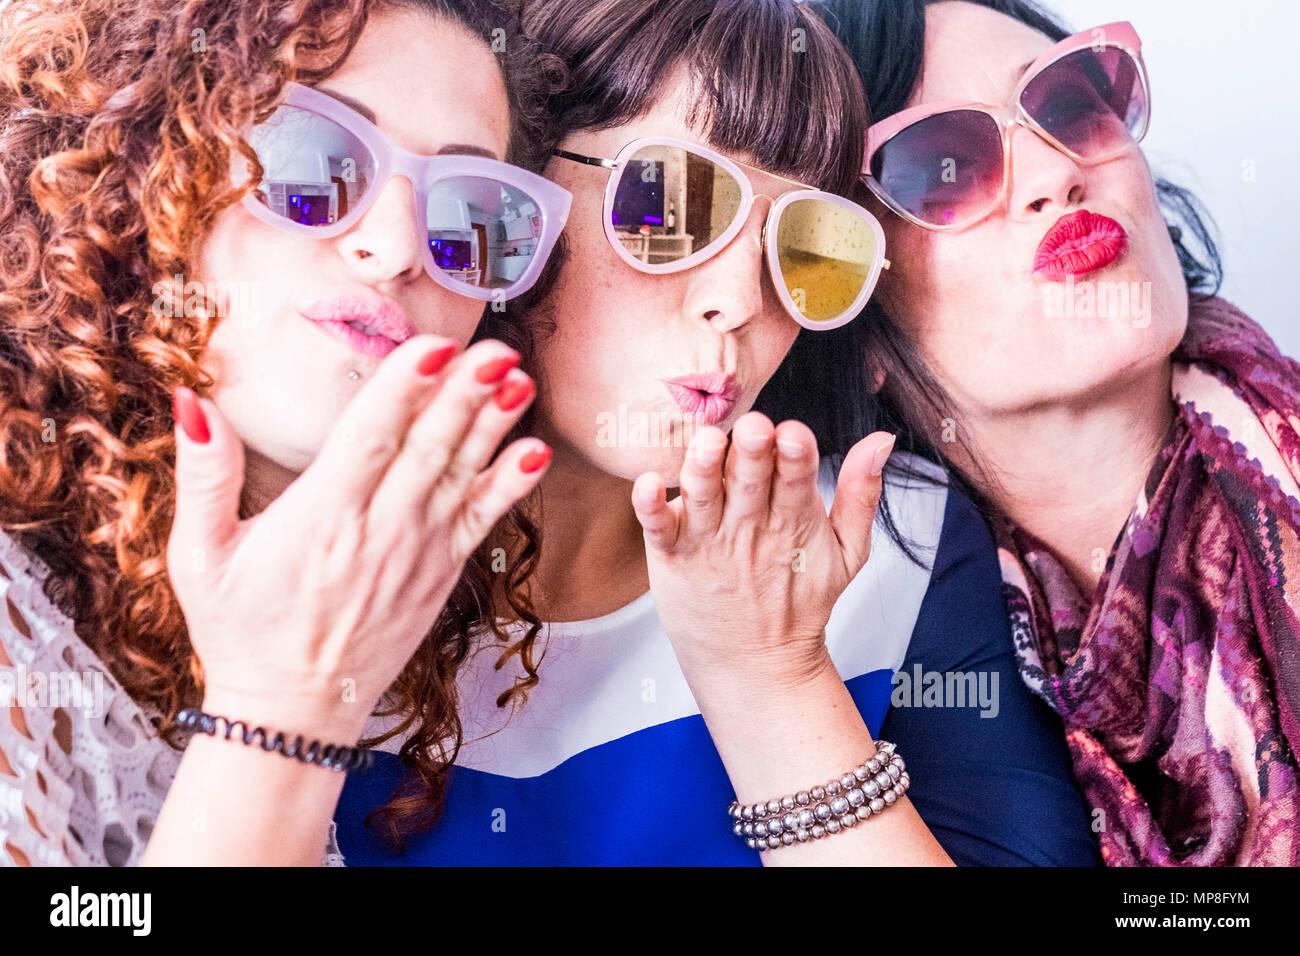 Trois jeunes caucasiens drôle folle faire une partie avec des lunettes de soleil. l'envoi de baiser et de s'amuser ensemble dans une vraie amitié. Un groupe de personnes Photo Stock